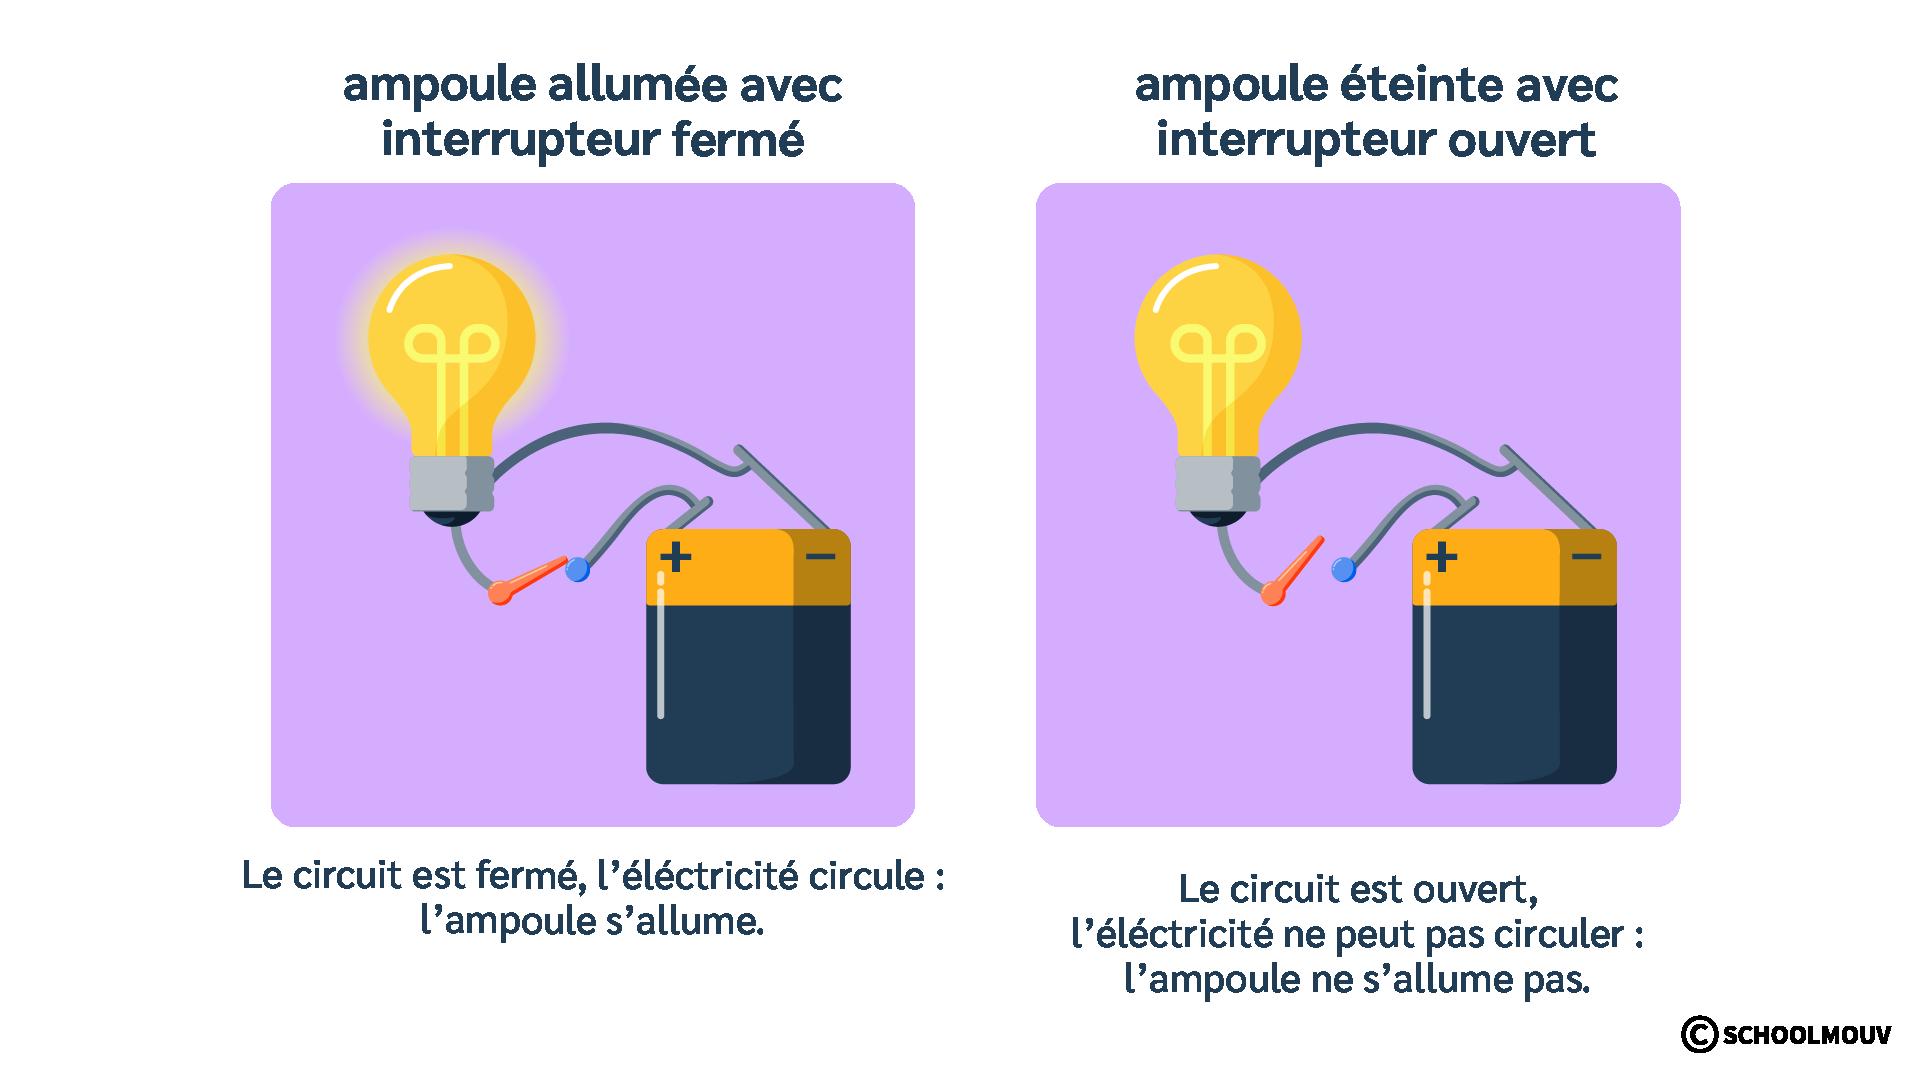 Ampoule - Pile plate - Fils électriques - Interrupteur - Circulation de l'électricité - Circuit électrique - SchoolMouv - Sciences - CE1